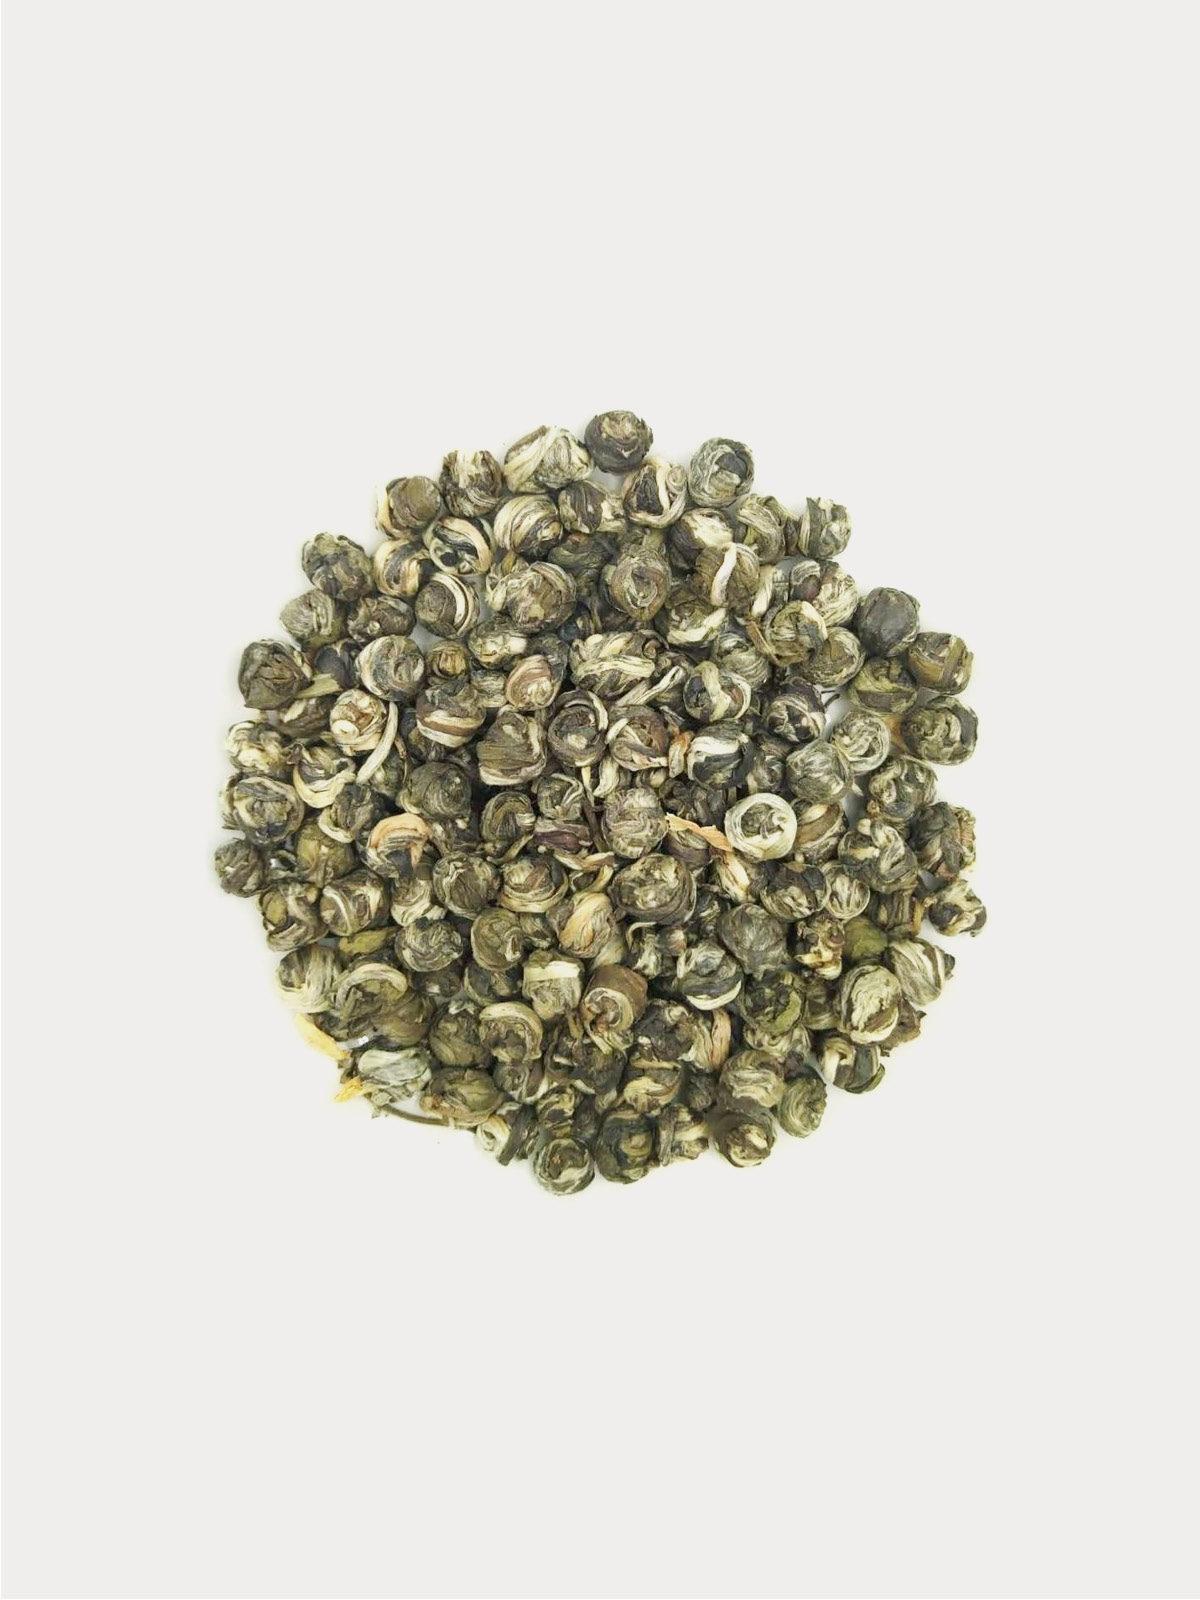 Nigiro Ooolong Dragon Pheonix Pearls